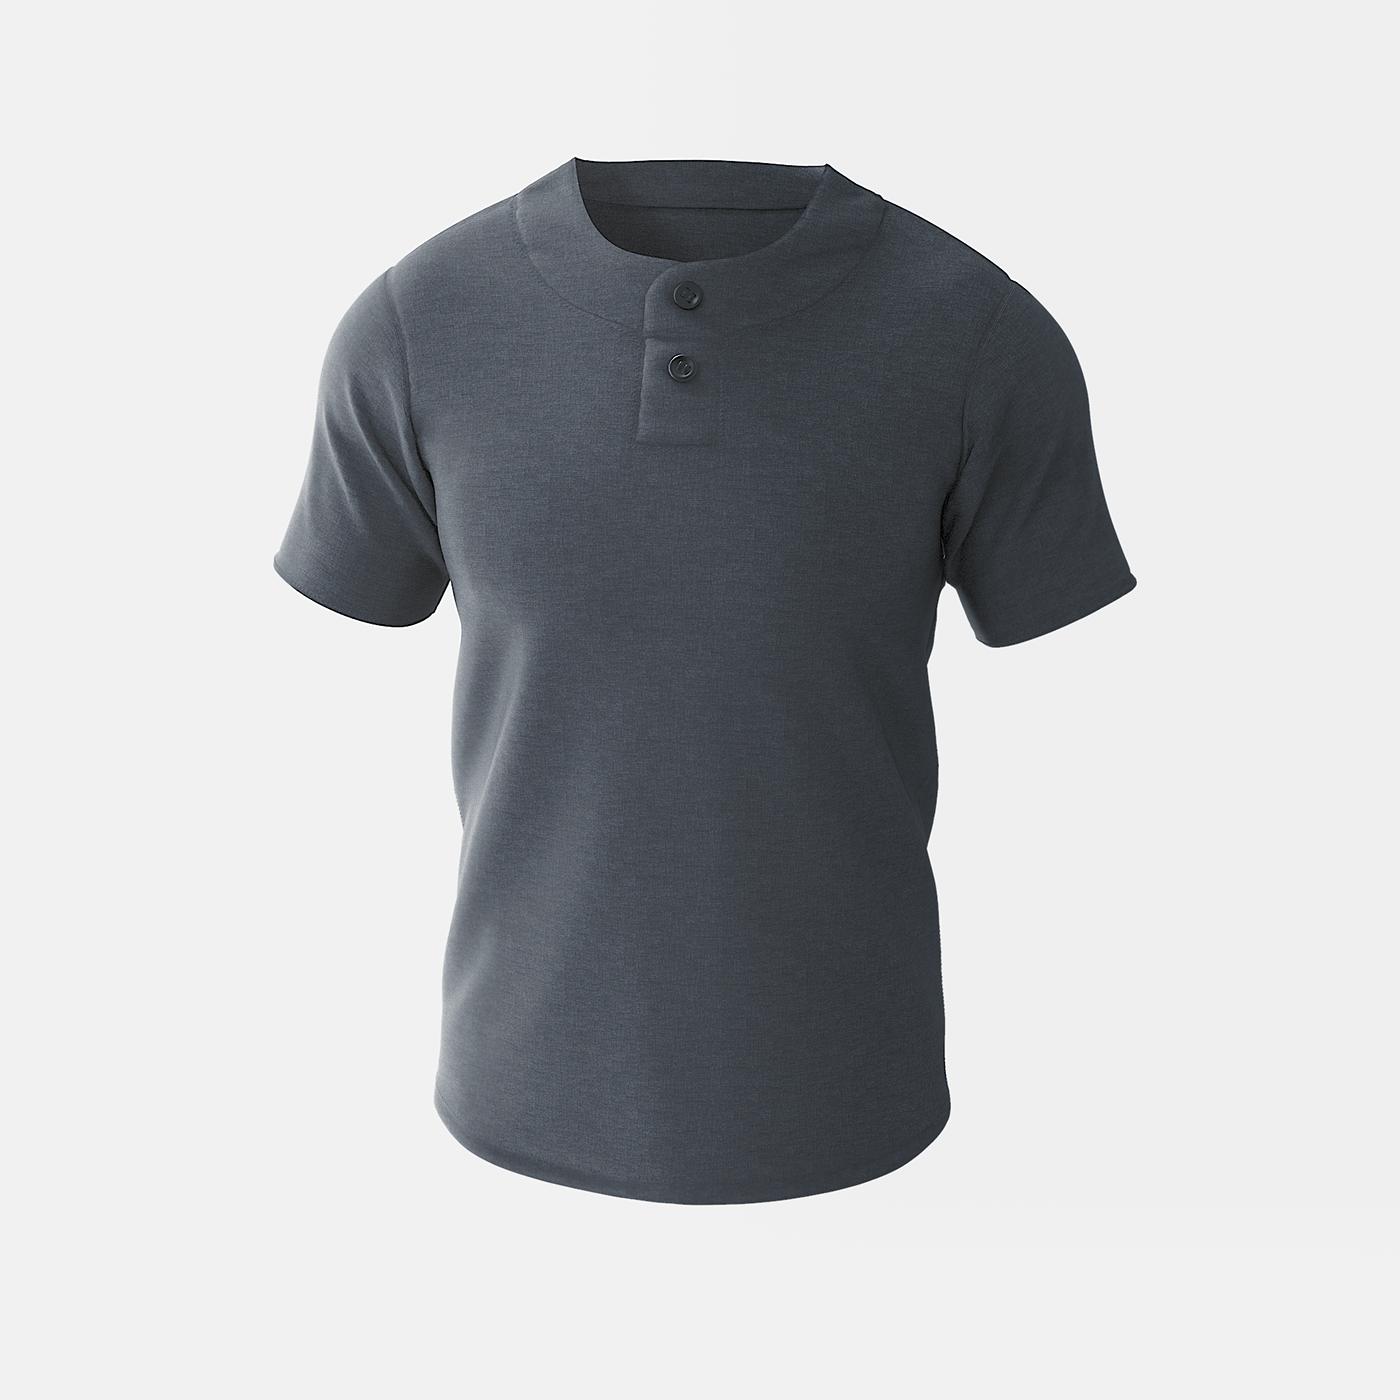 Image may contain: active shirt, sleeve and shirt